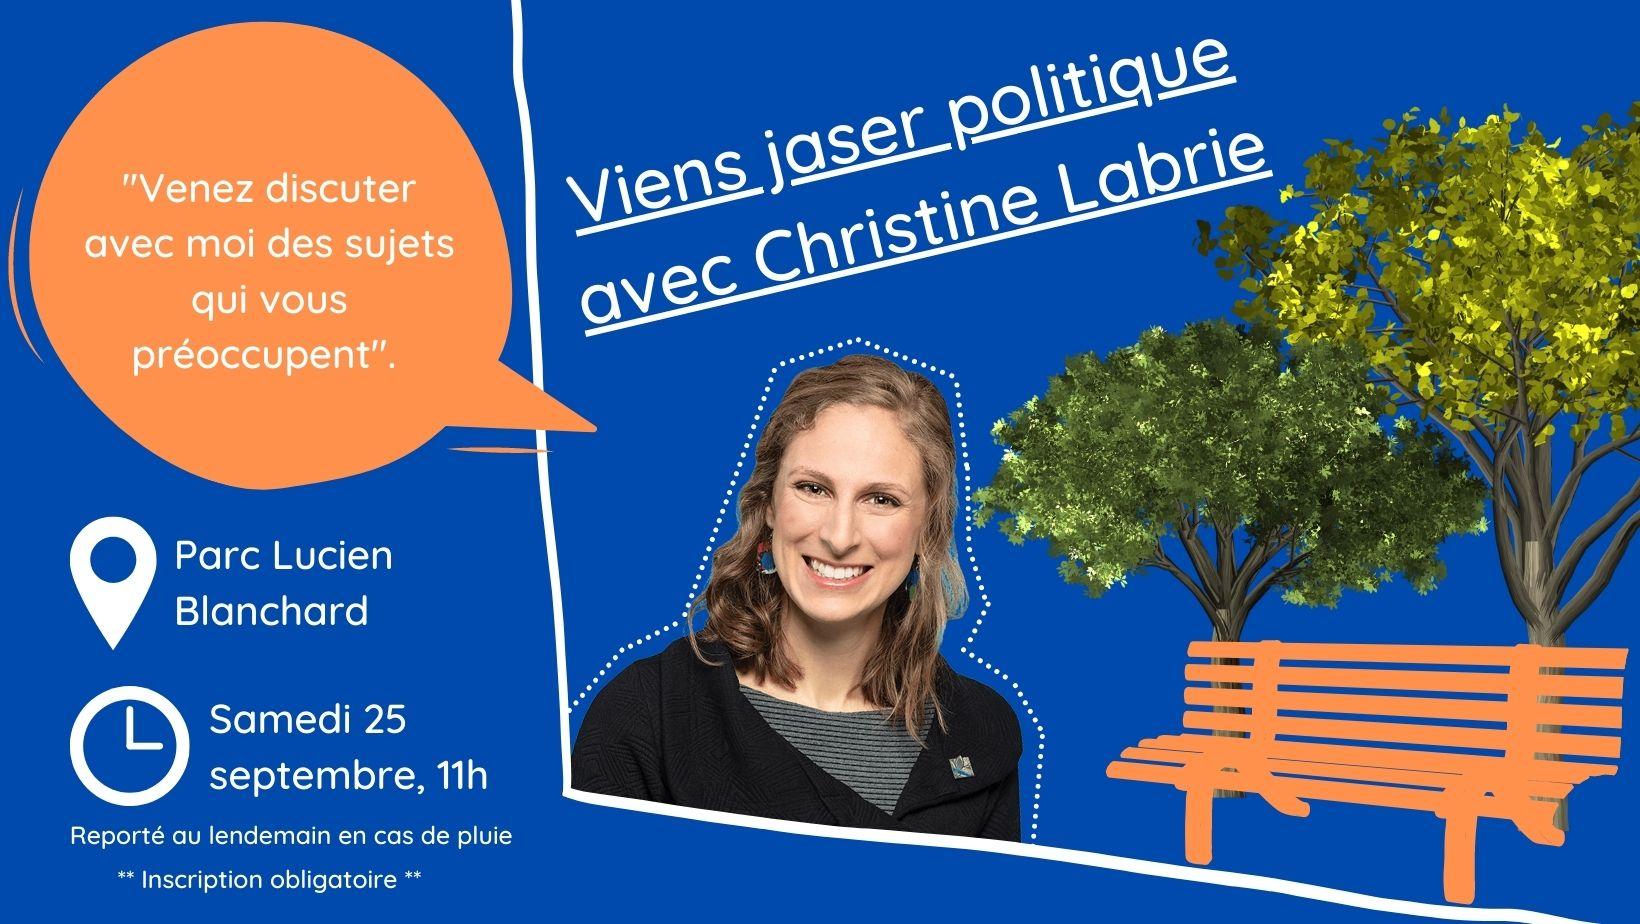 25 septembre 2021: Viens jaser politique avec Christine Labrie